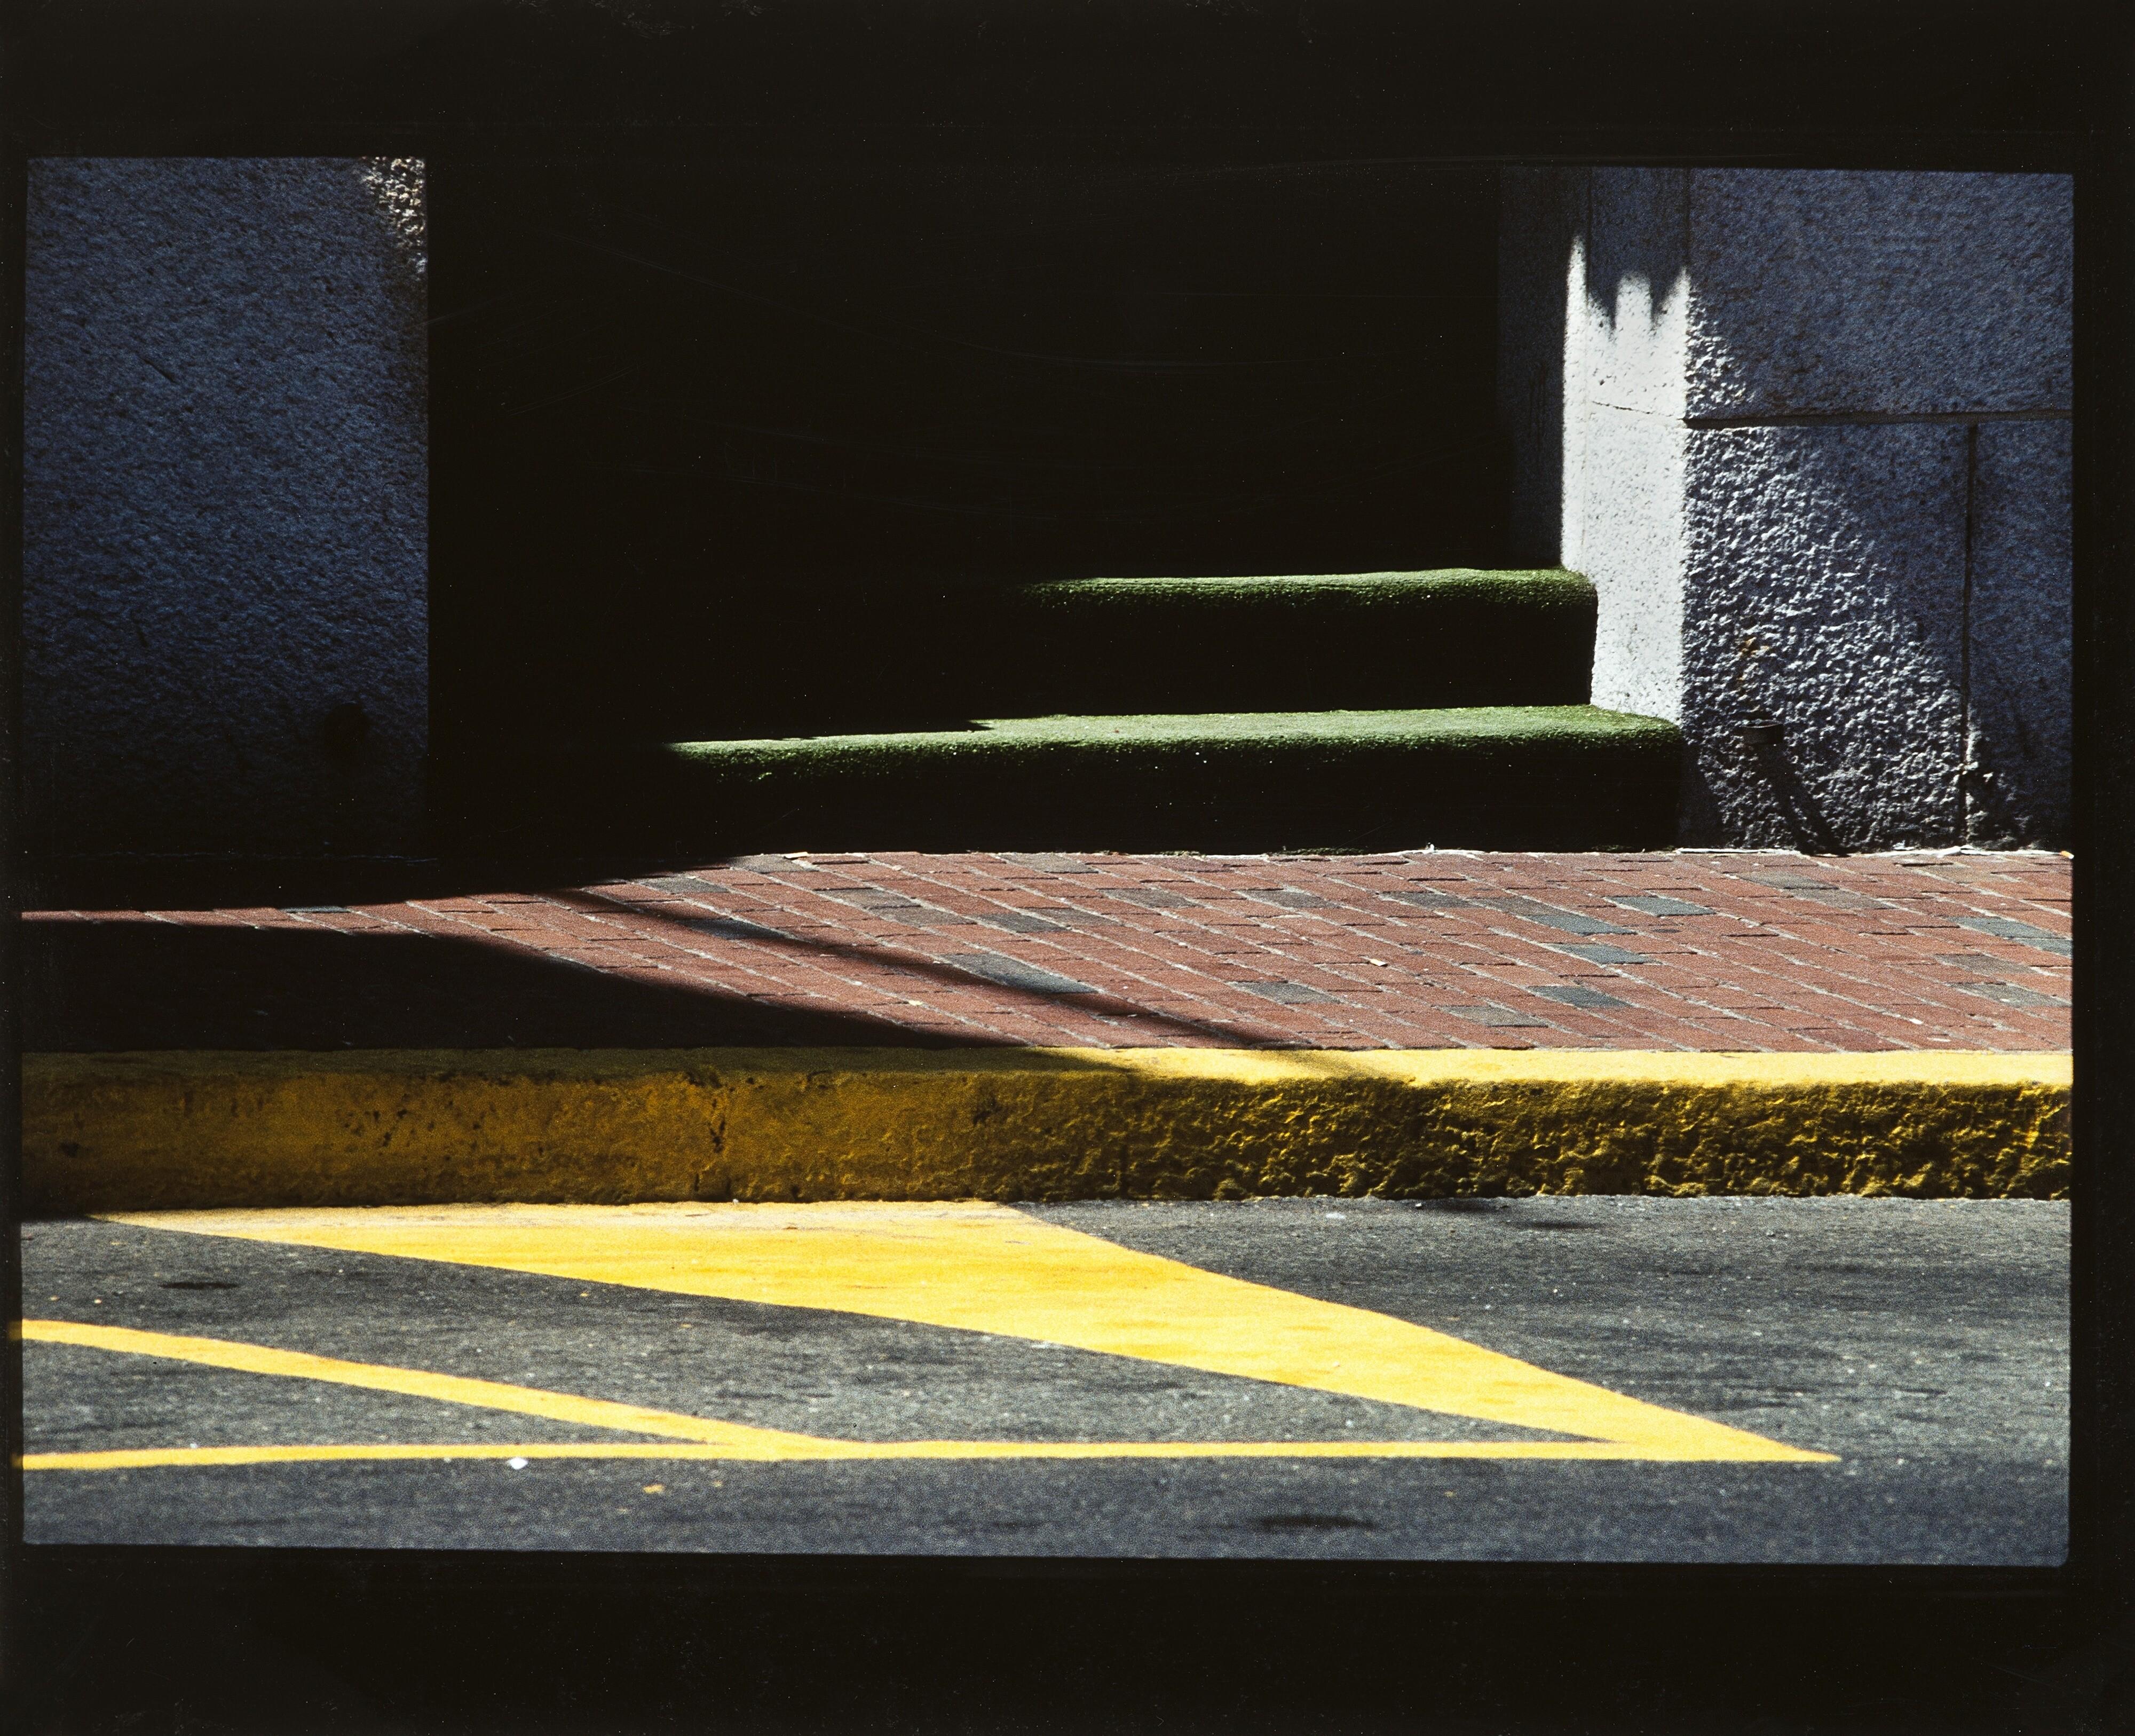 Городской пейзаж, 1980. Фотограф Франко Фонтана